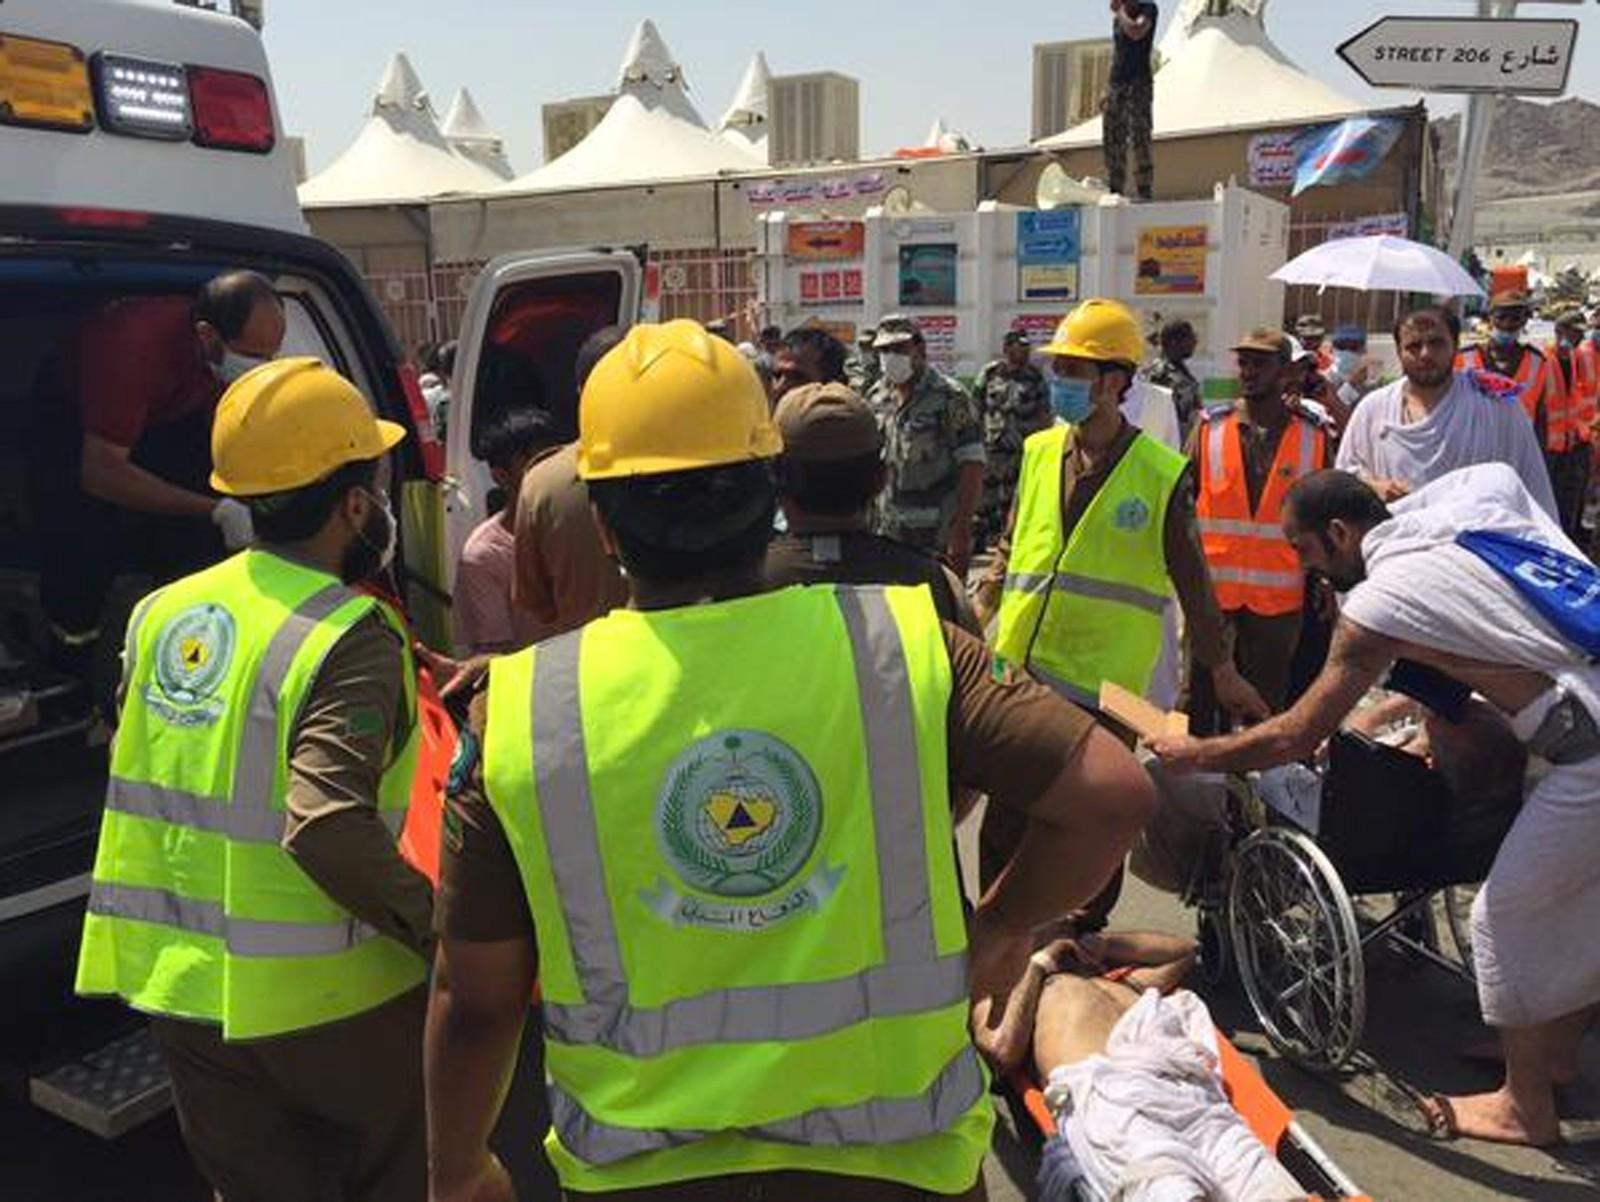 Rundt 400 mennesker er skadd, opplyser sivilforsvaret i Saudi-Arabia torsdag. Hendelsen skjedde i byen Mina, som ligger utenfor muslimenes hellige by Mekka.